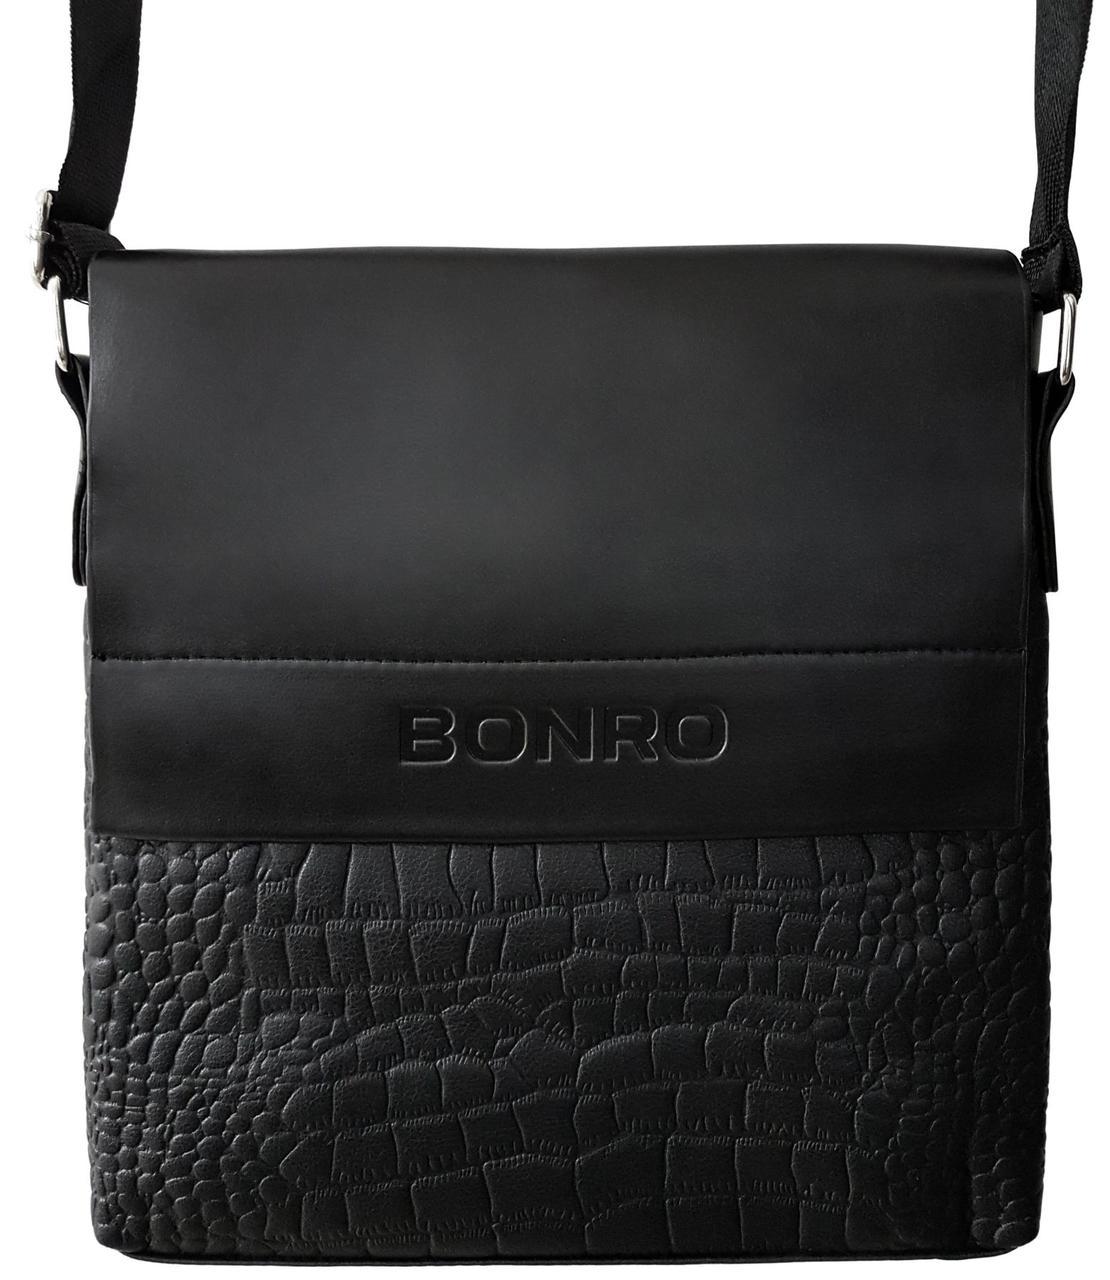 Сумка мужская Bonro через плечо черная Model 5